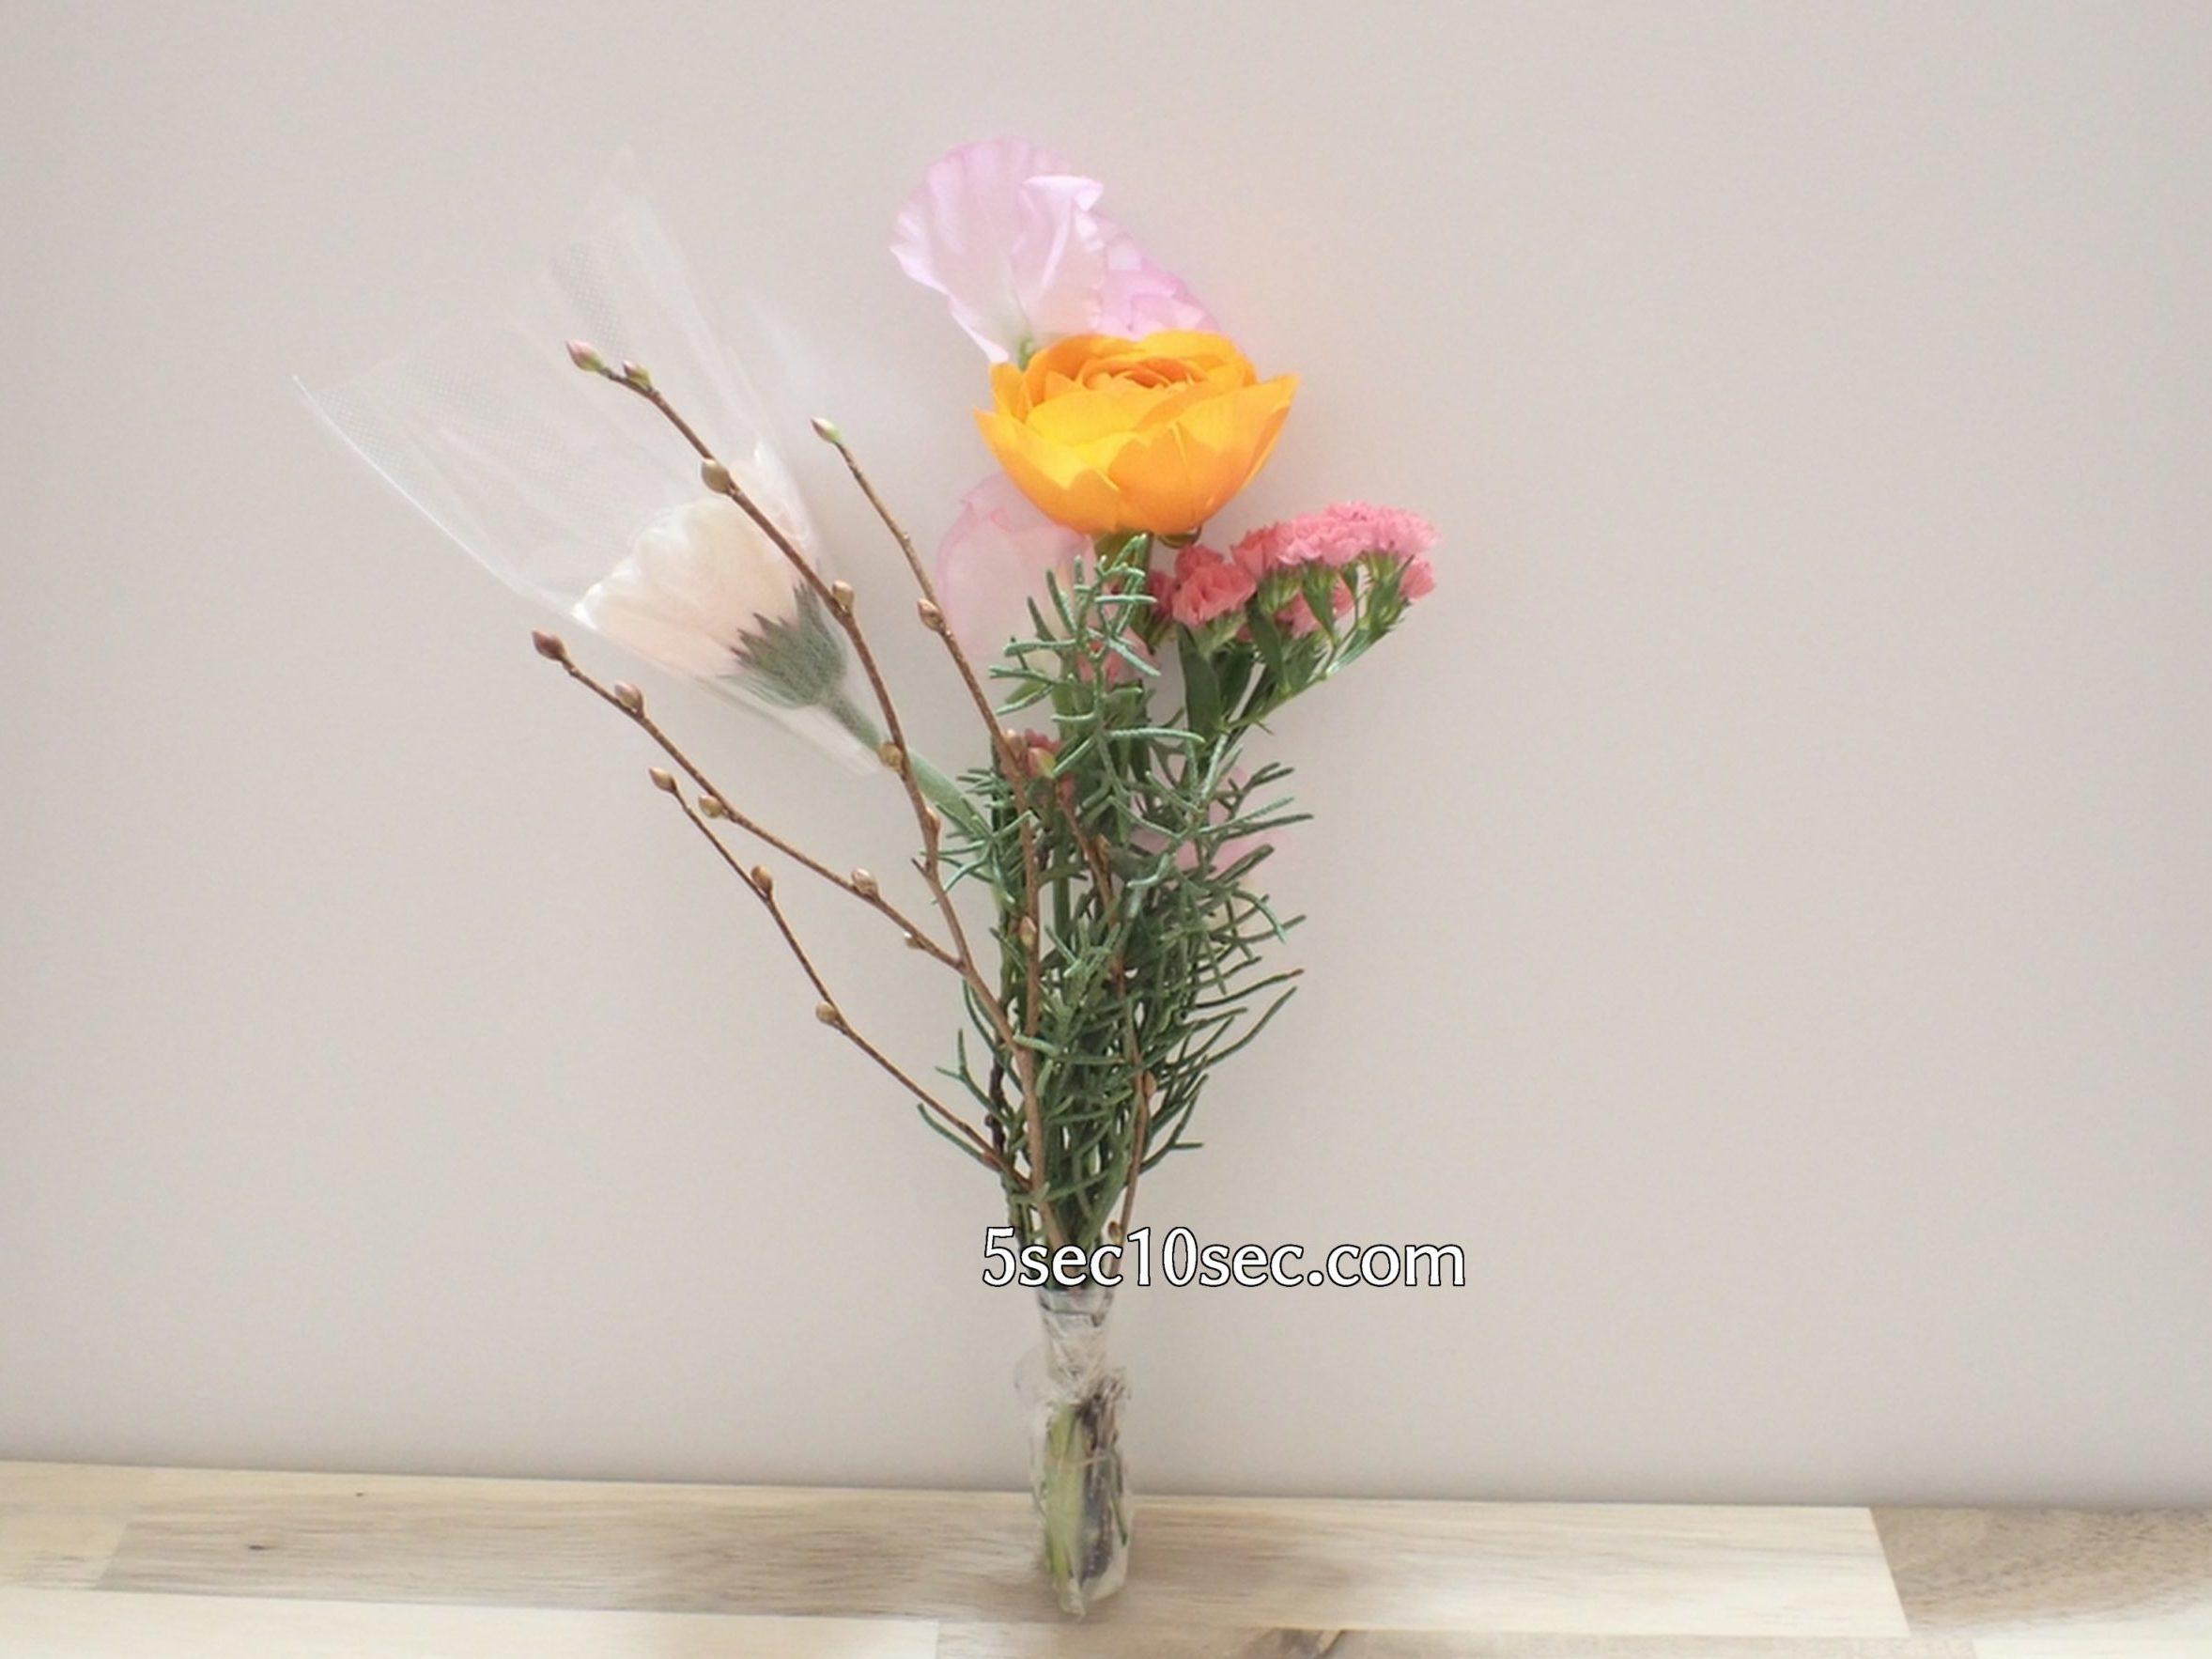 株式会社Crunch Style お花の定期便 Bloomee LIFE ブルーミーライフ 800円のレギュラープランで届いた内容